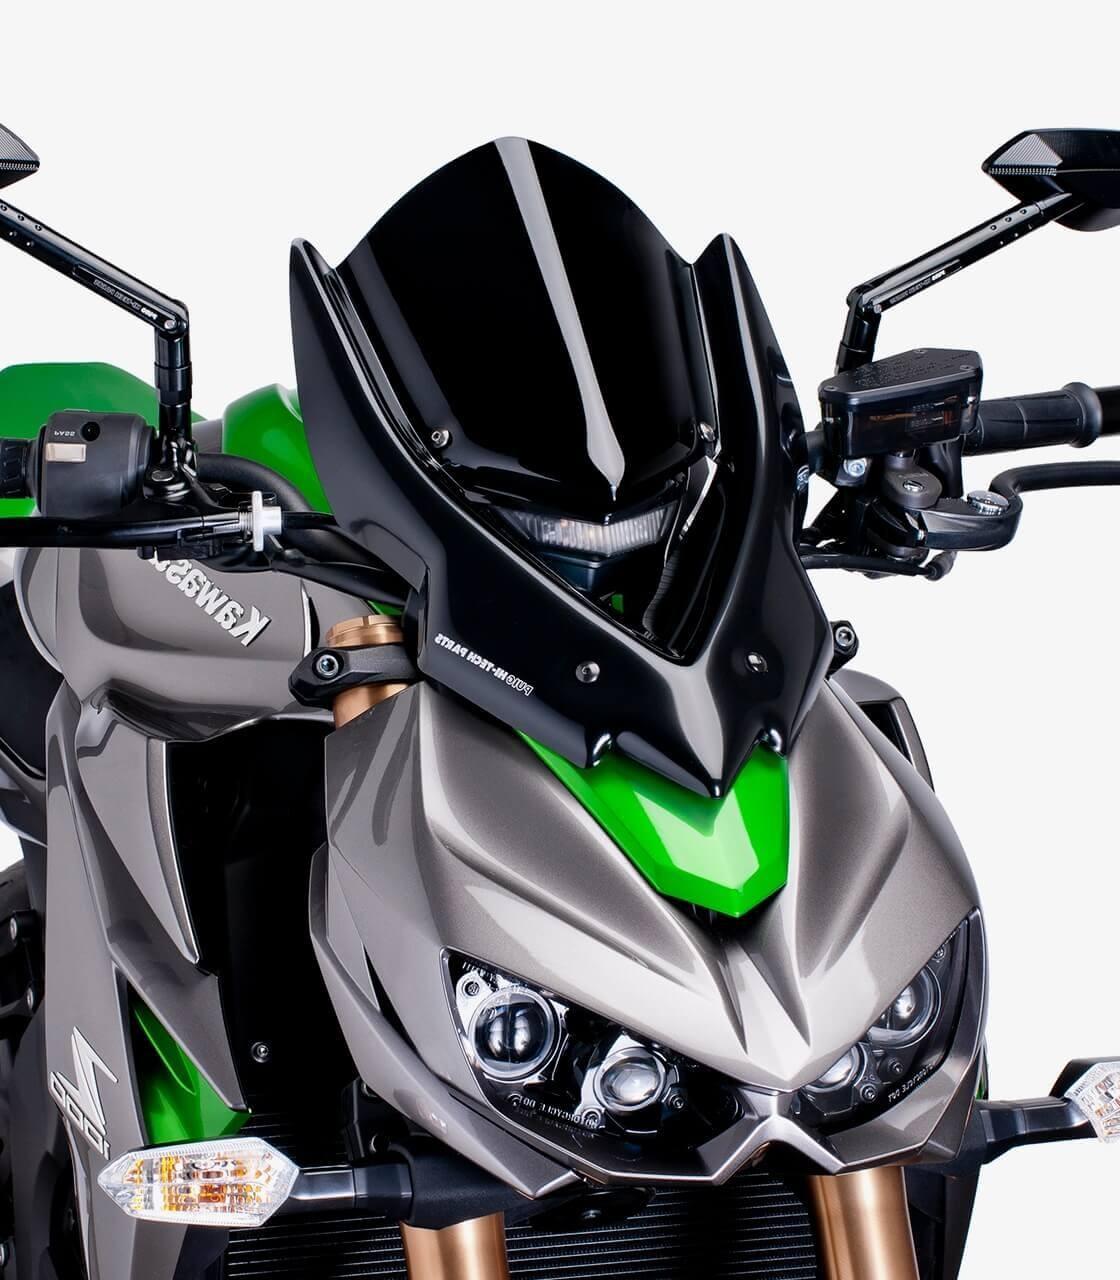 Kawasaki Z750/R Puig Naked New Generation Sport Black